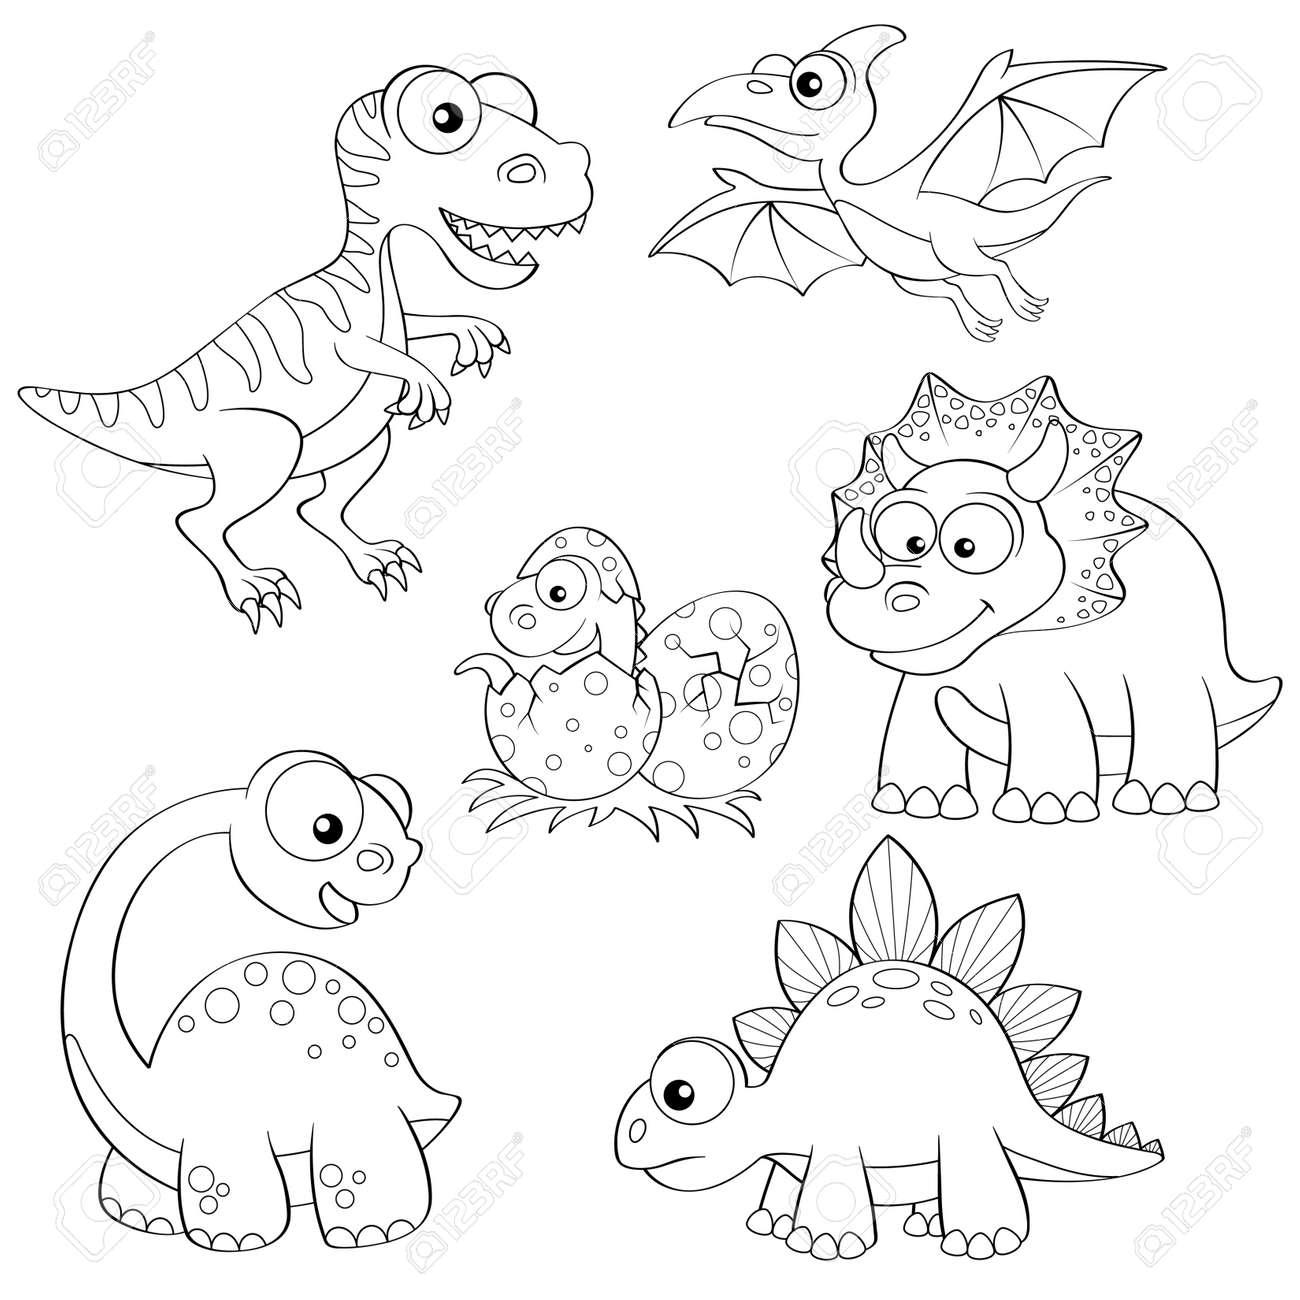 Conjunto De Dinosaurios De Dibujos Animados. Ilustración En Blanco